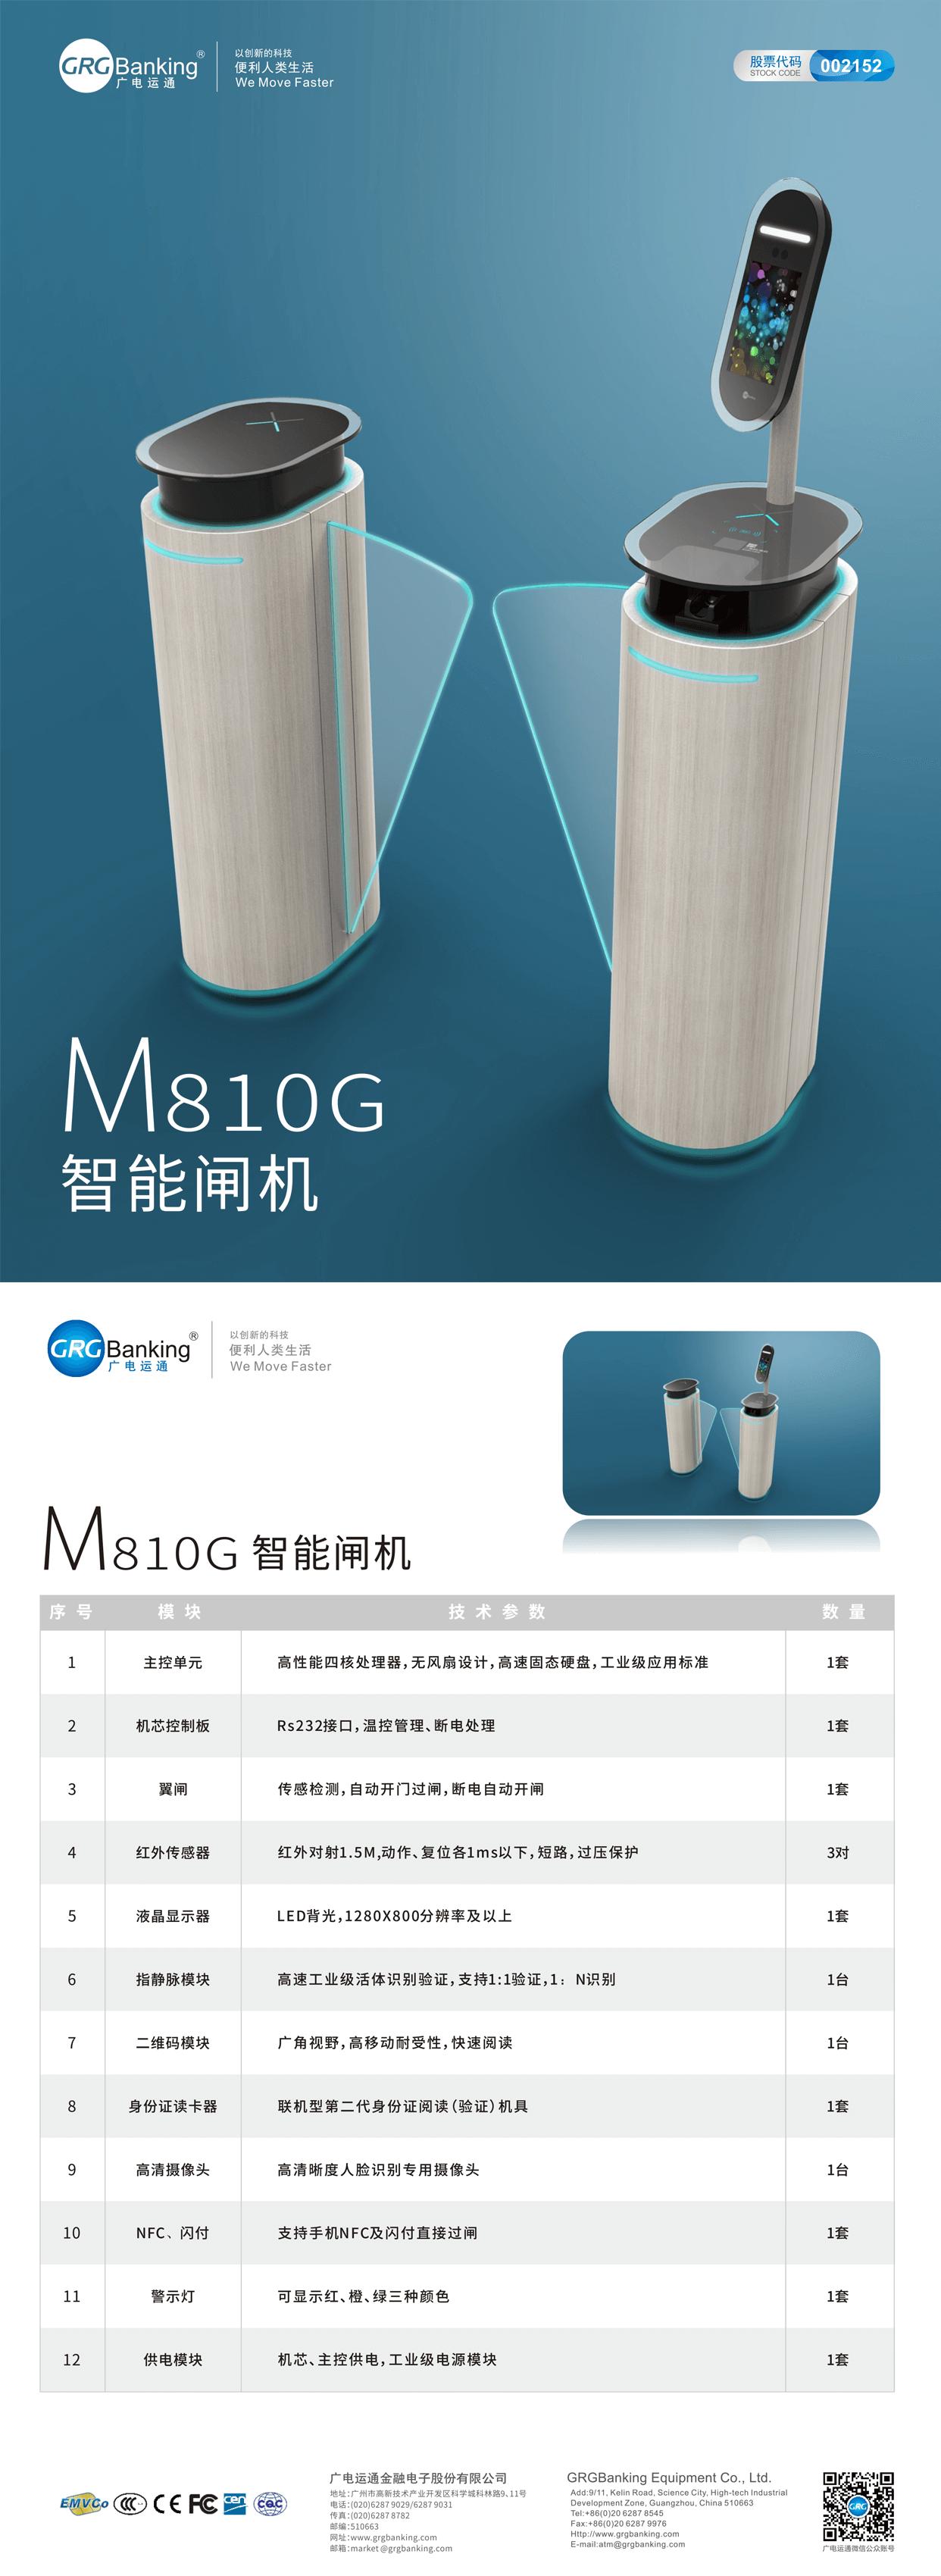 M810G智能閘機.png